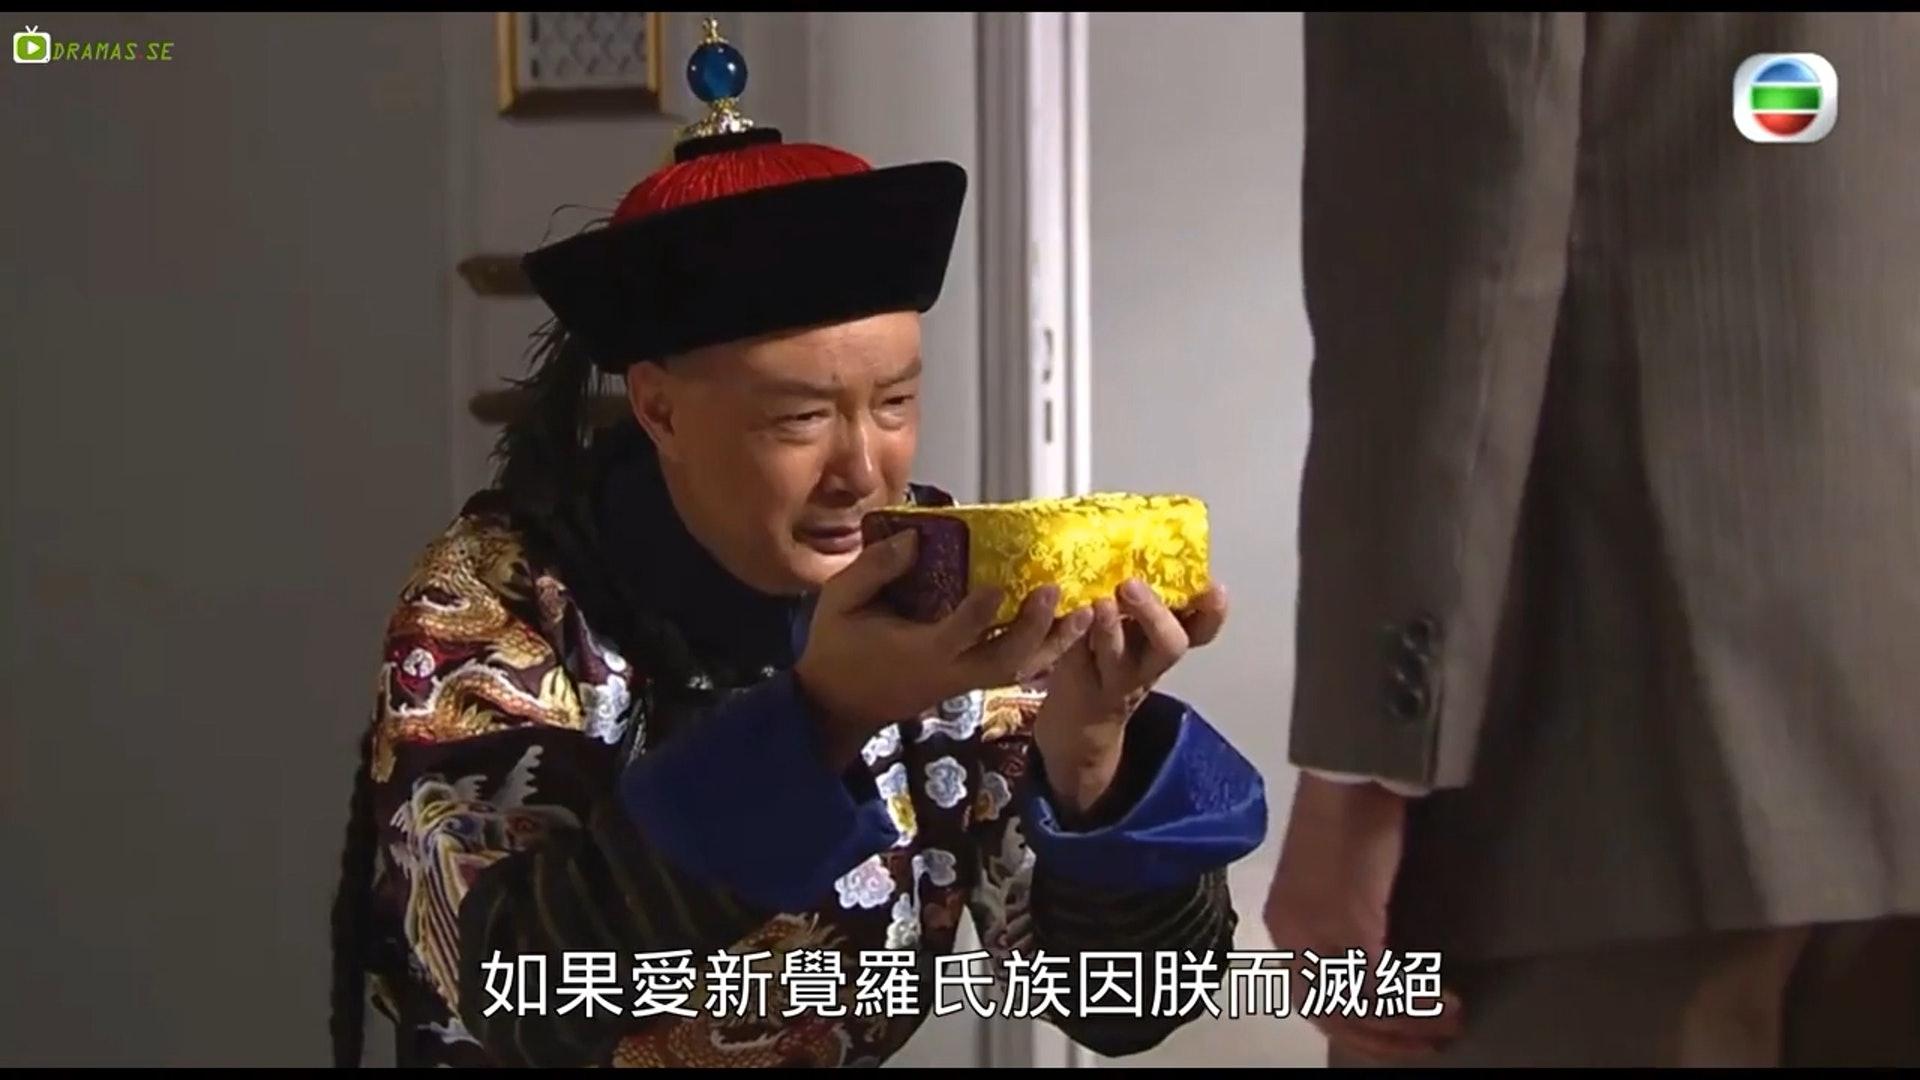 陳榮峻被譽為「公公王」。(《巾幗梟雄3之諜血長天》截圖)